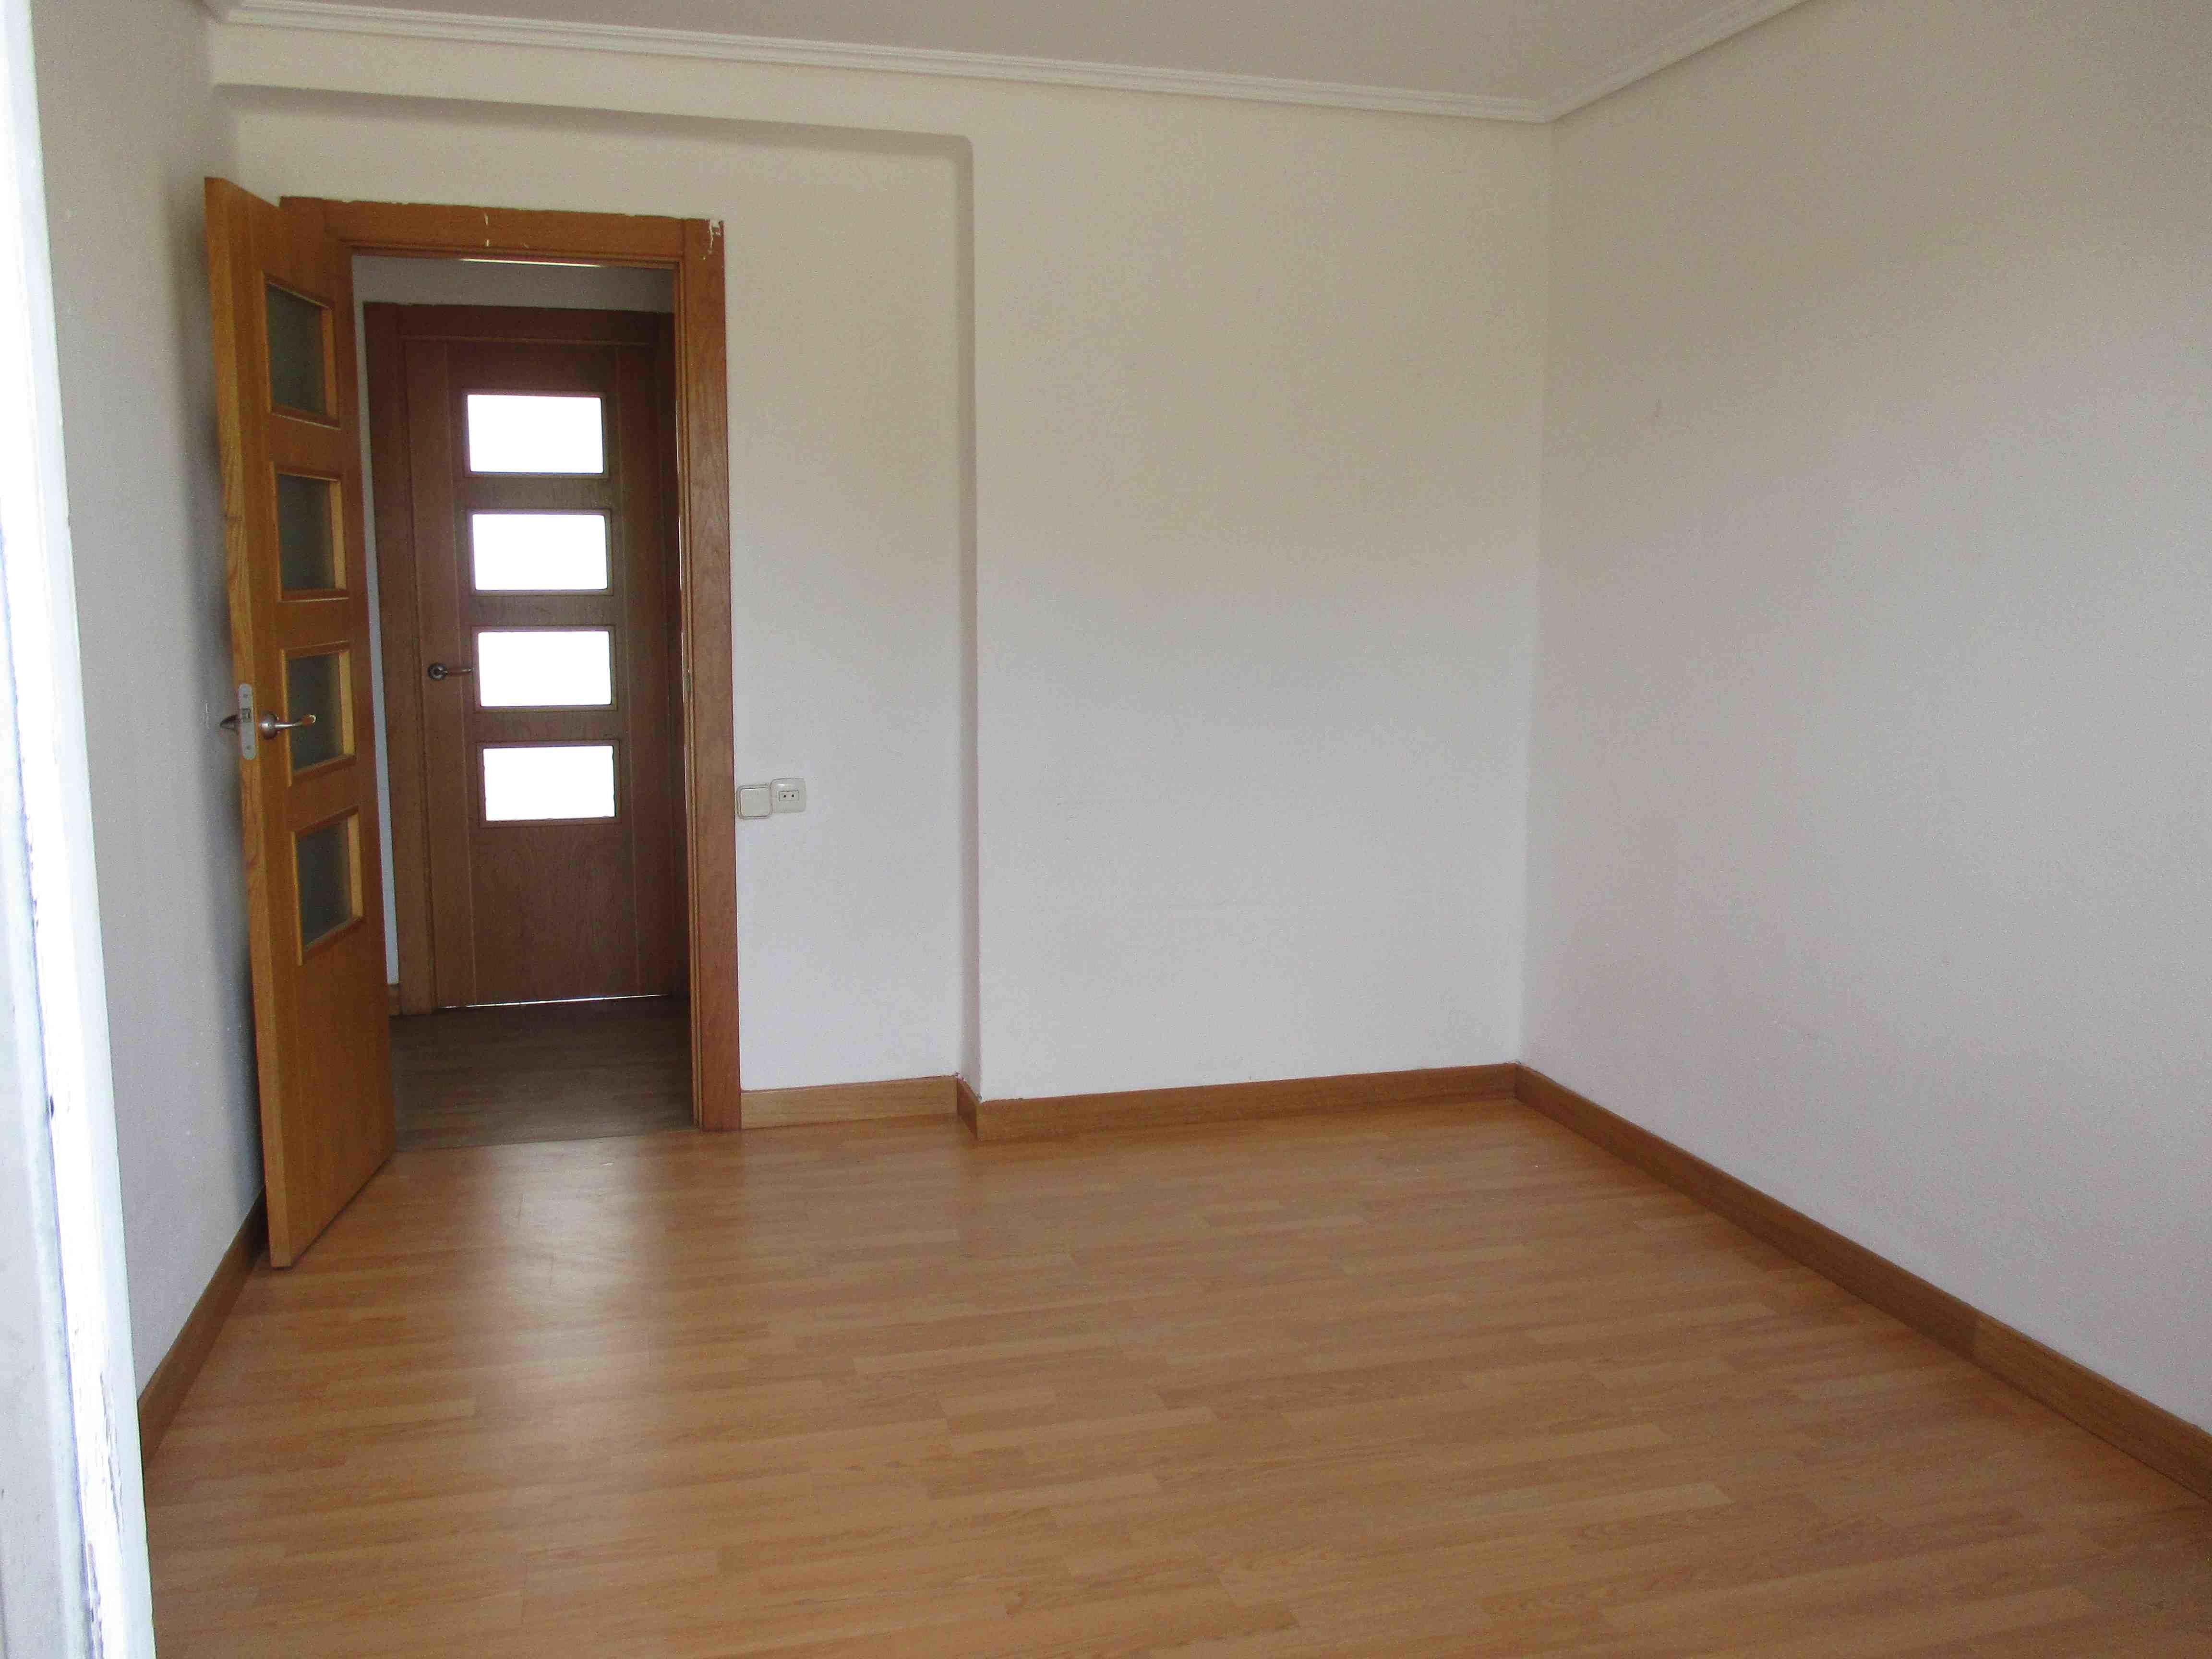 Piso en venta en Villava/atarrabia, Navarra, Calle Ulzama, 103.000 €, 3 habitaciones, 1 baño, 91 m2